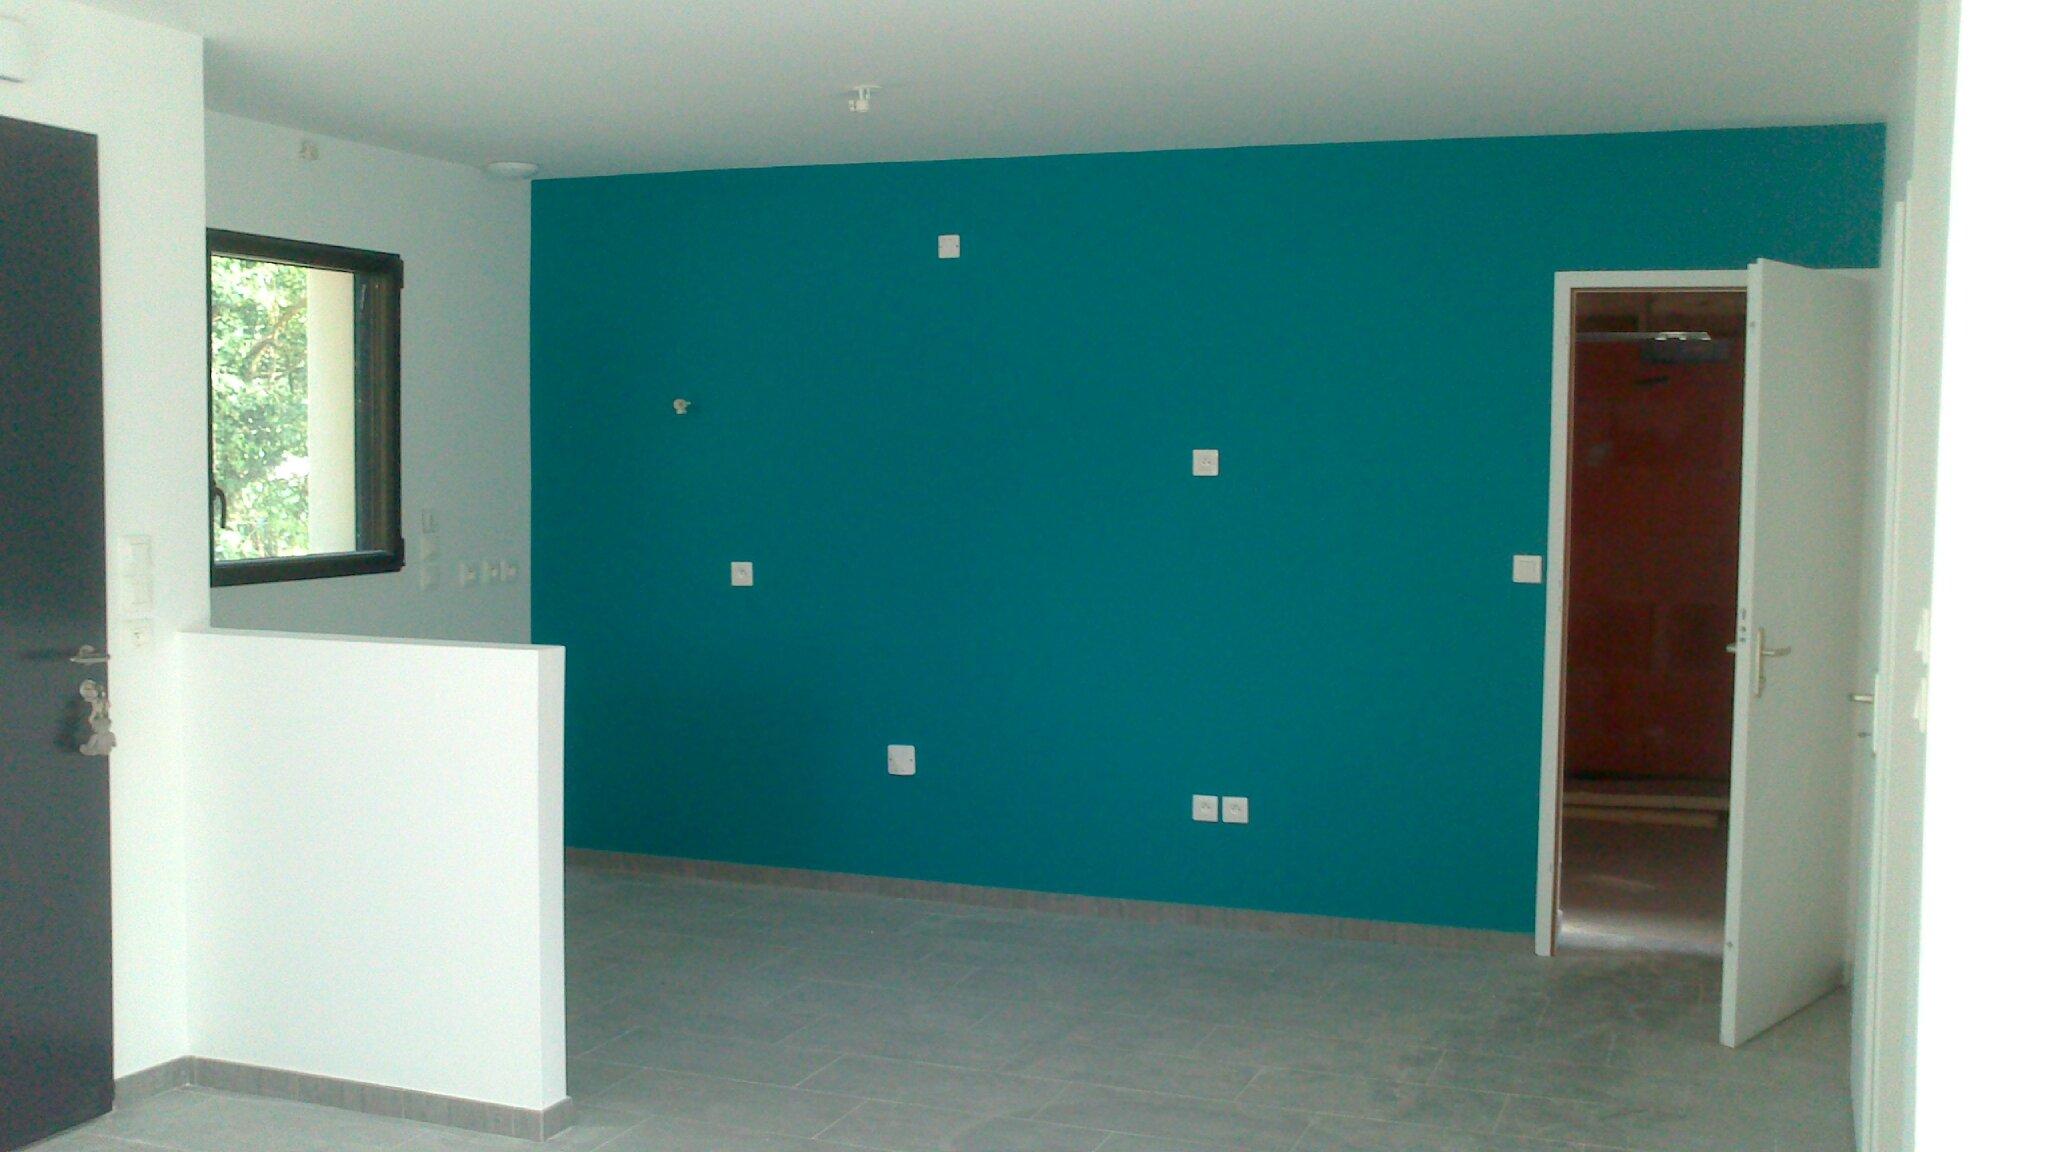 Peintures int rieures termin es construction maisons for Peintures interieures tendances